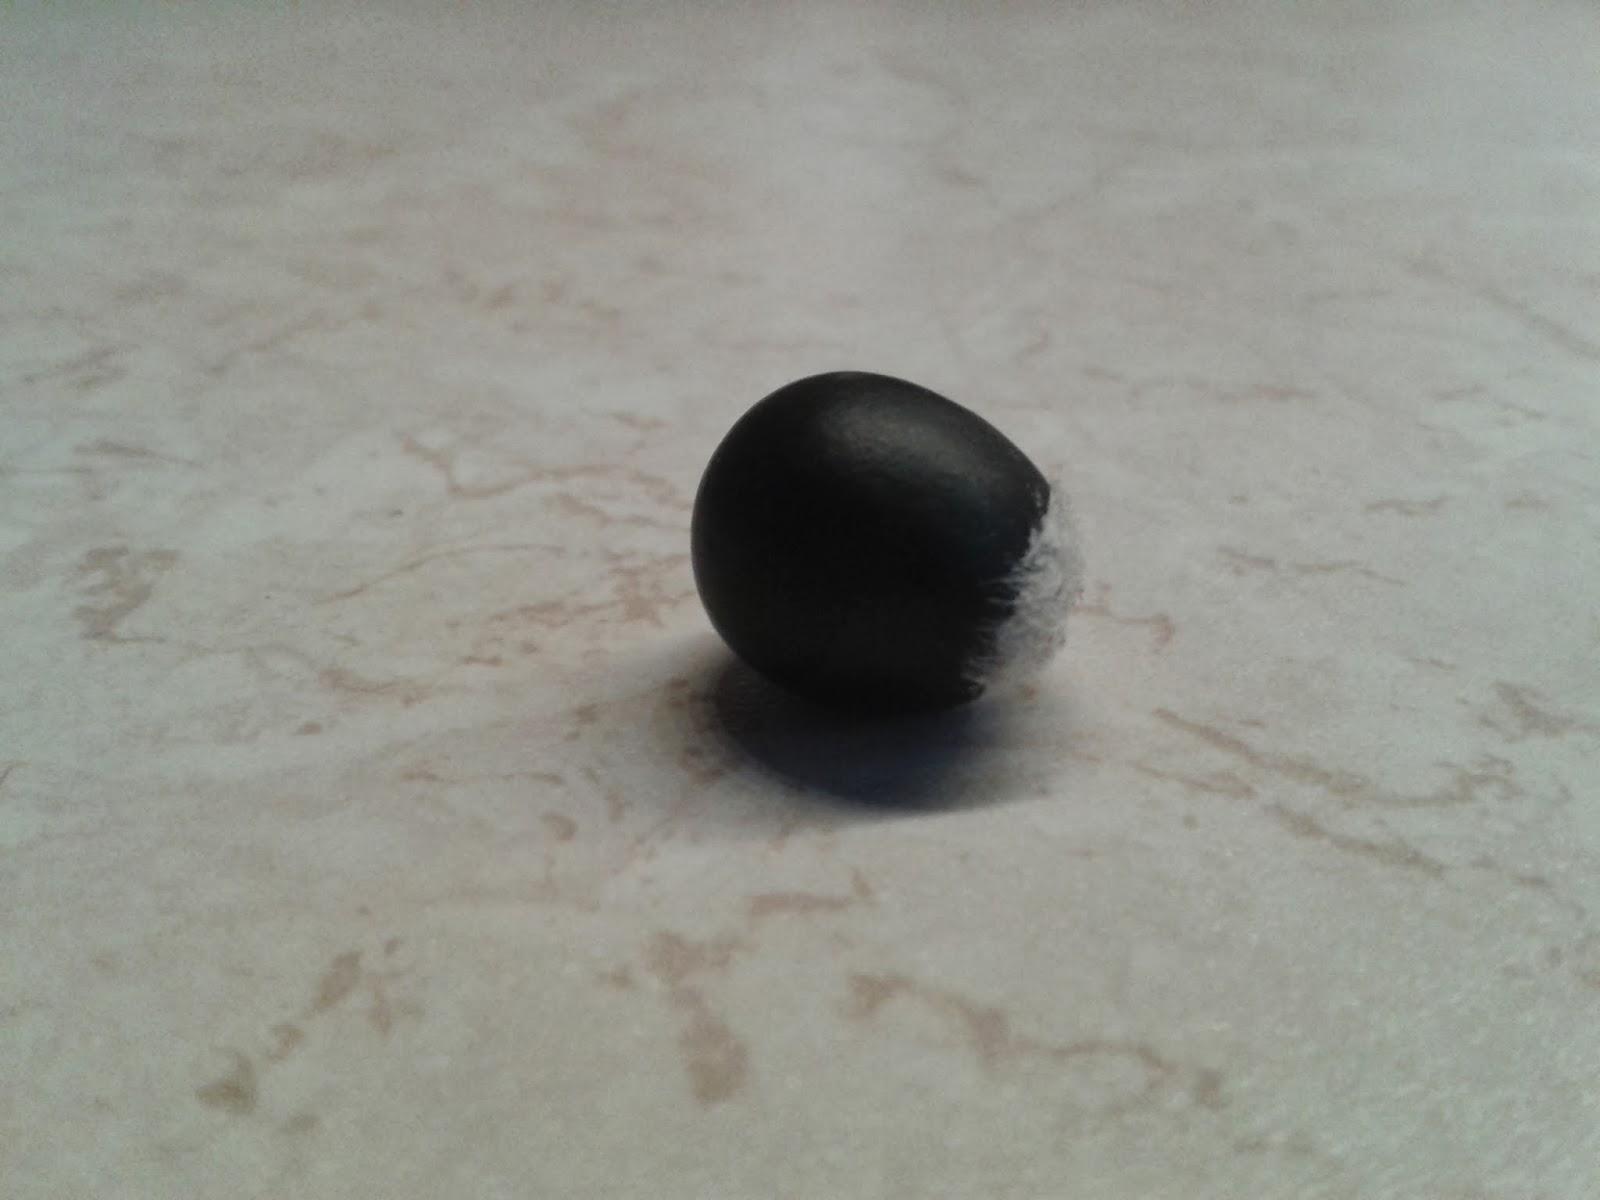 Drzewo mydlane, orzechy mydlane - owoce Sapindus mukorossi, jak wysiać? Co to jest drzewo mydlane? Orzechy piorące i czarna kulka wewnątrz, nasiona drzewa mydlanego - uprawa, hodowla w domu, pielęgnacja i siew.